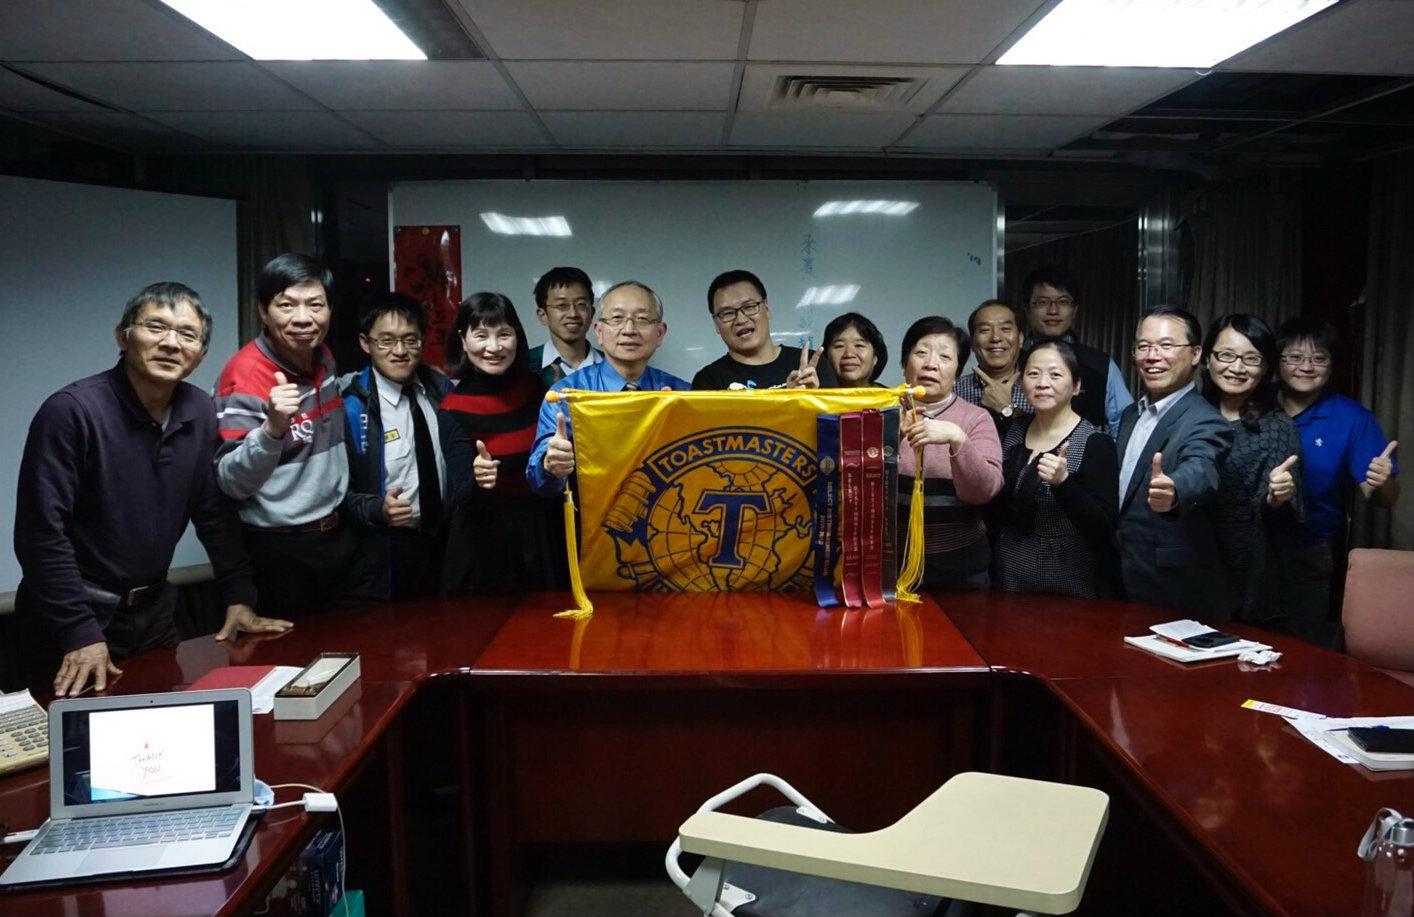 The Hai-Lan-Lan Mandarin Toastmasters Club in Keelung City (Image: Courtesy of Hai-Lan-Lan Mandarin Toastmasters Club)